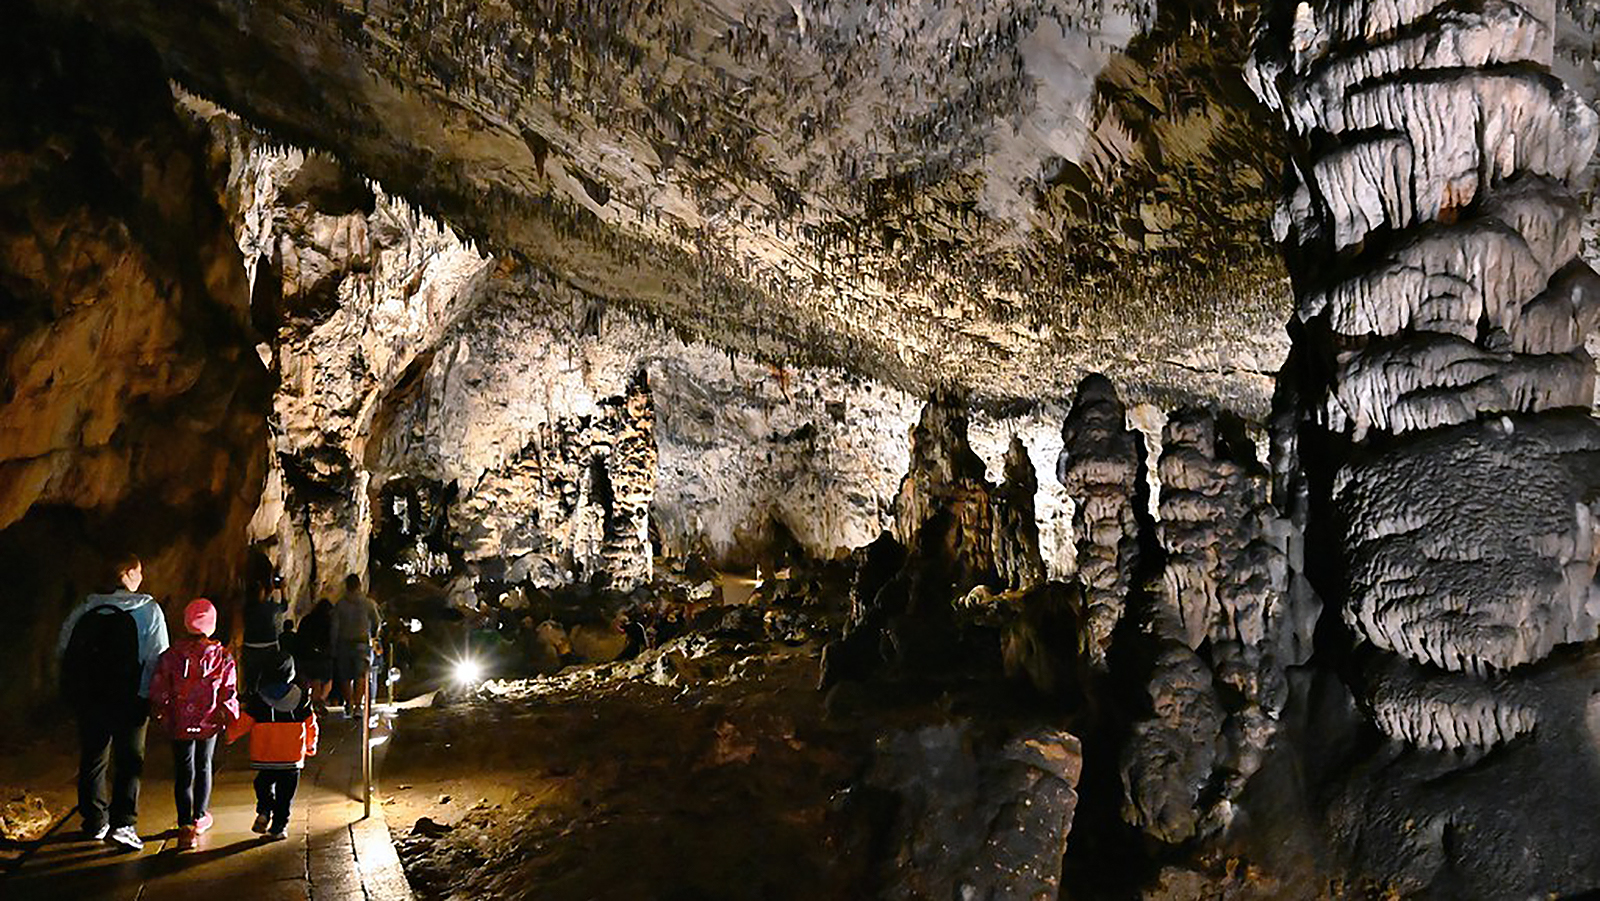 Aggteleki cseppkőbarlang - 5+1 helyszín, amit fel kell fedezned a fényképezőgépeddel! - 5+1 helyszín, amit fel kell fedezned a fényképezőgépeddel! - NEXTFOTO